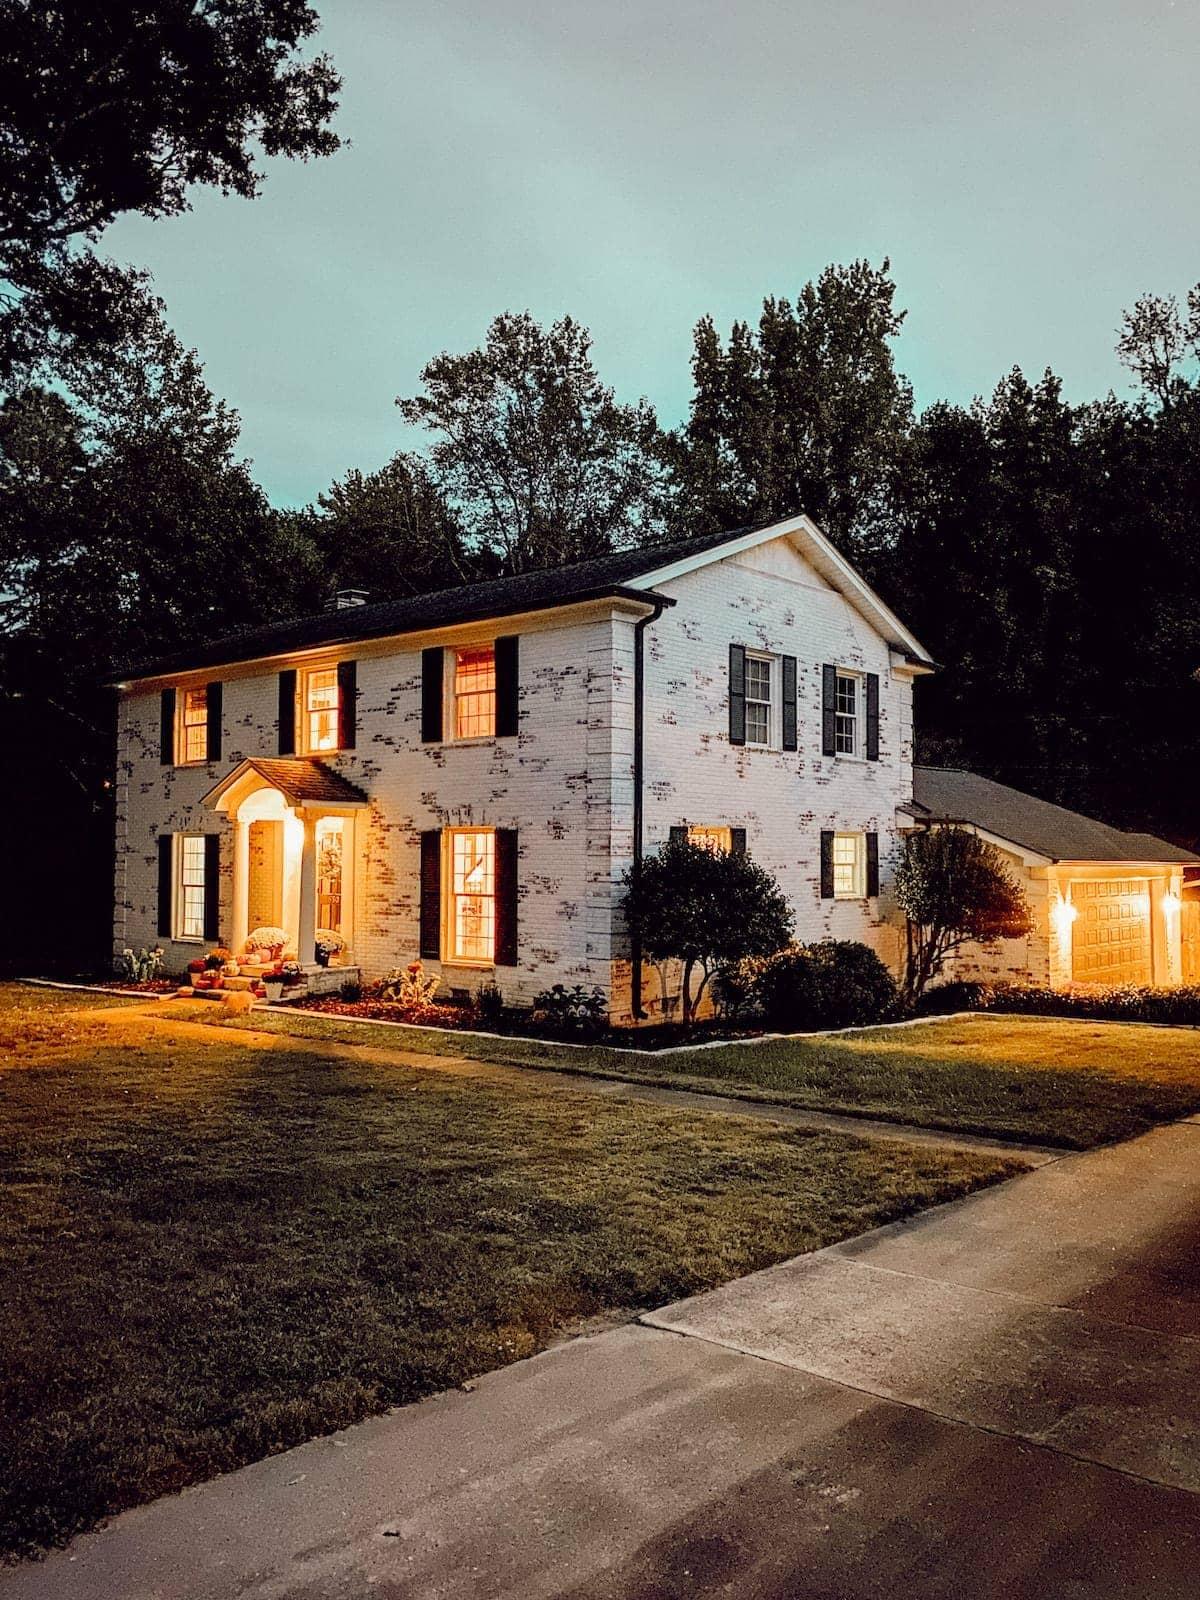 limewashed brick colonial house at night